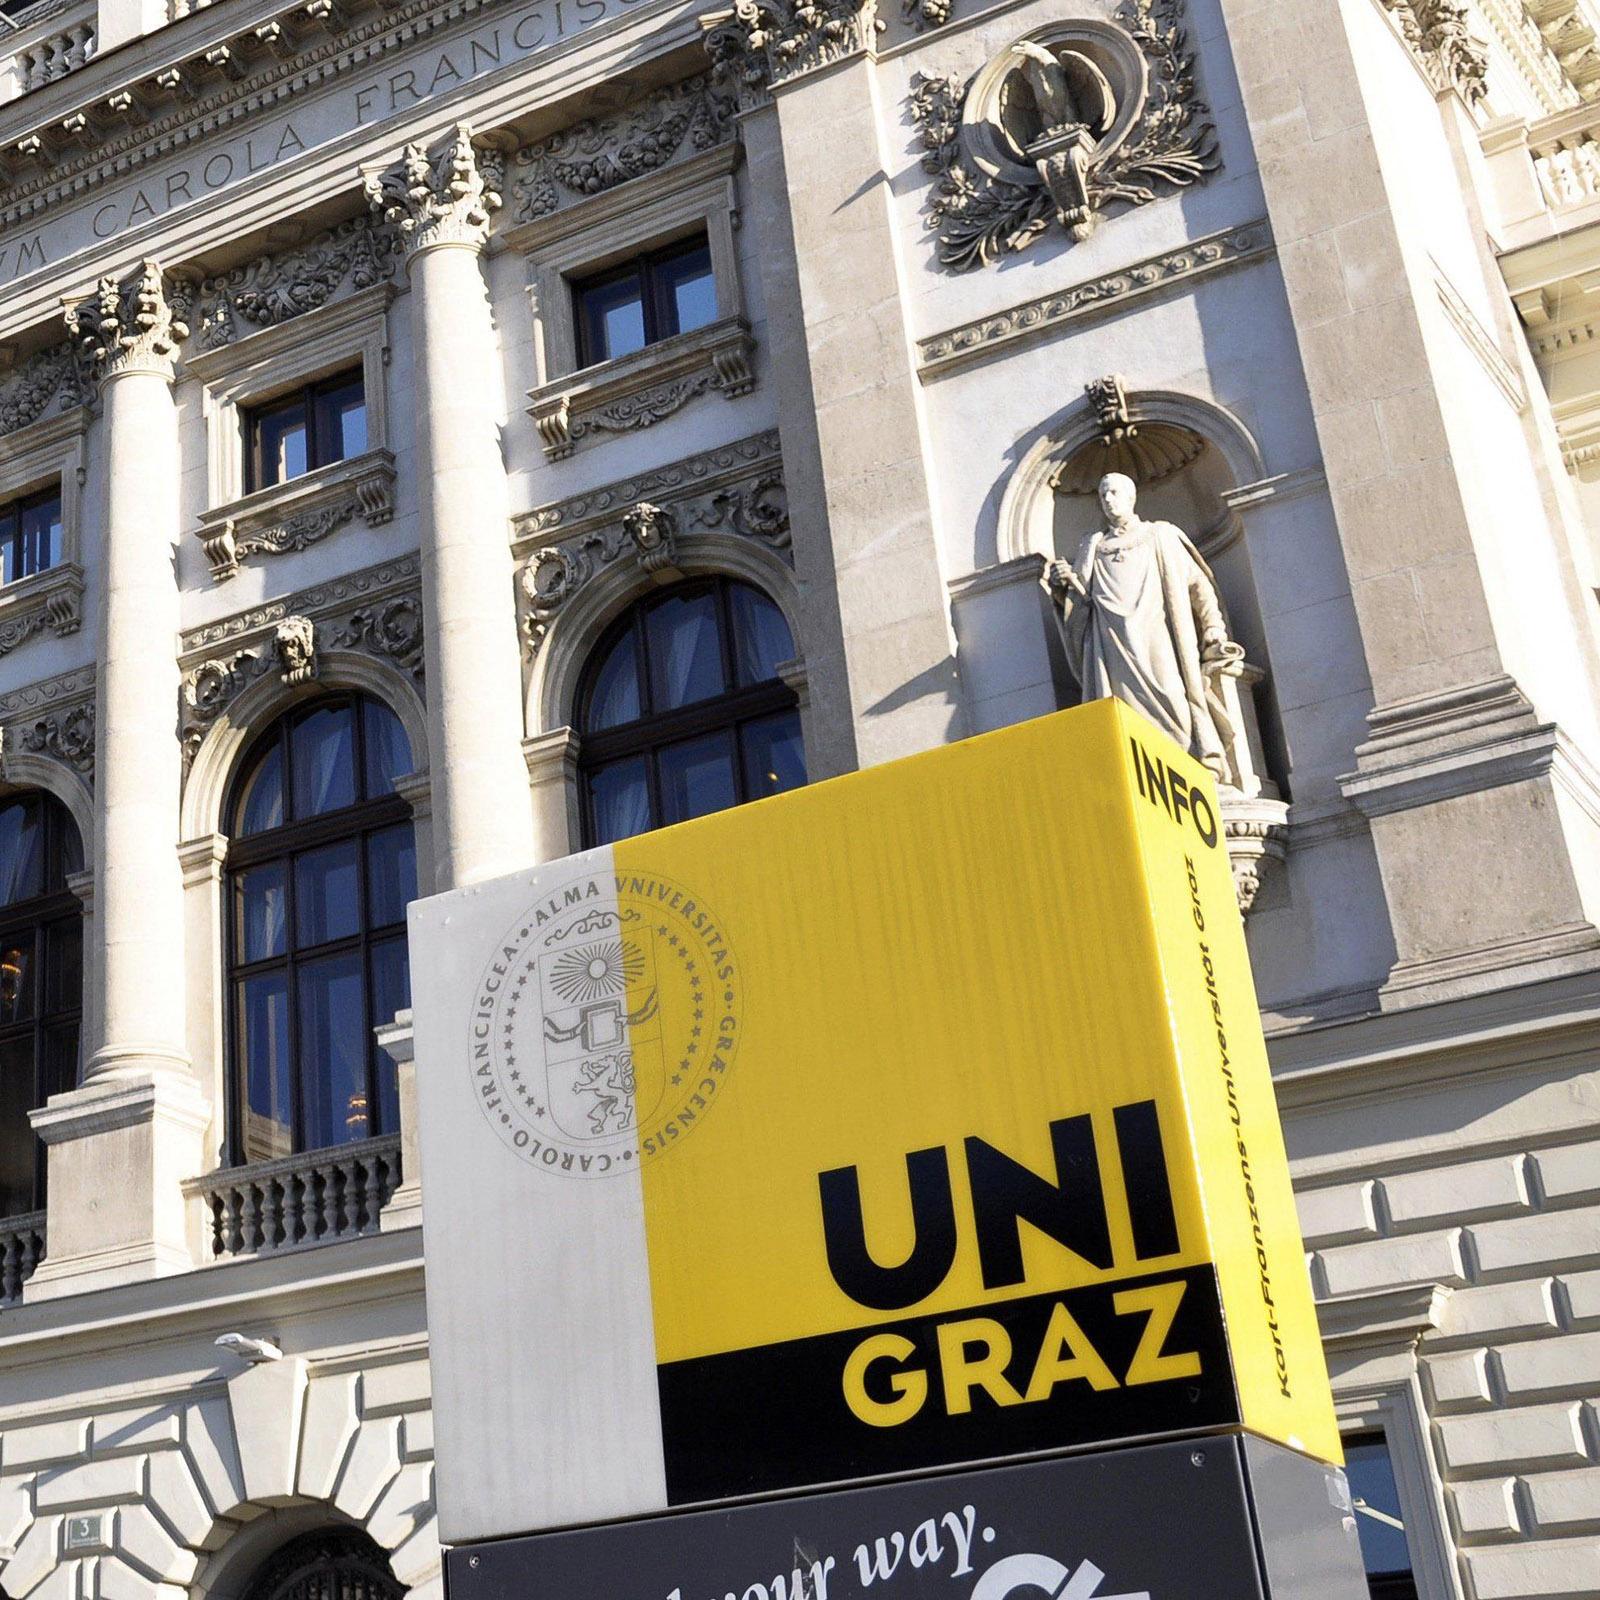 Uni Graz Außenansicht der historischen Fassade mit Infotafel